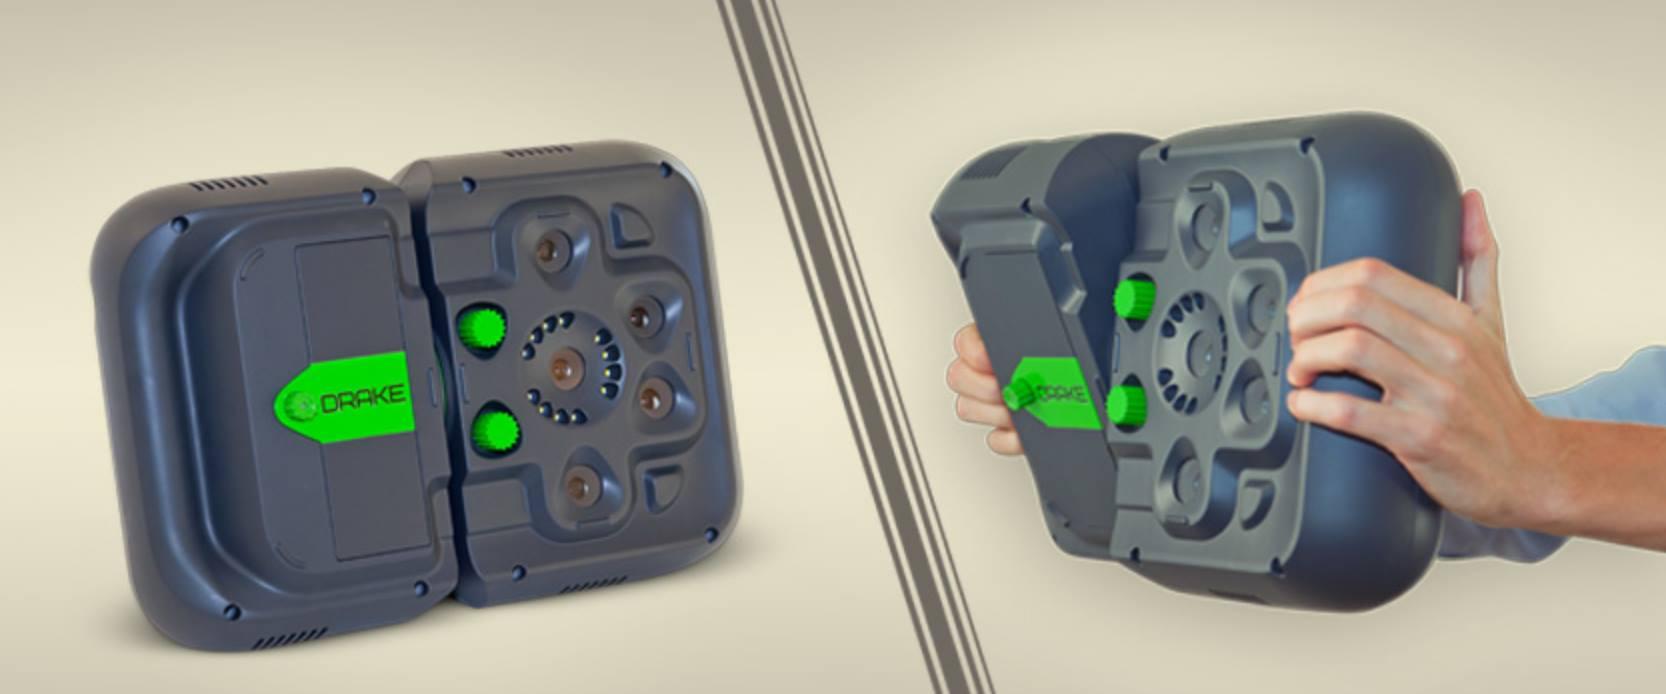 Máy quét 3d cầm tay Drake sản xuất tại Liên Bang Nga sử dụng công nghệ quét ánh sáng. 03 bộ thấu kính có thể thay đổi để quét các mẫu 3D lớn, nhỏ...